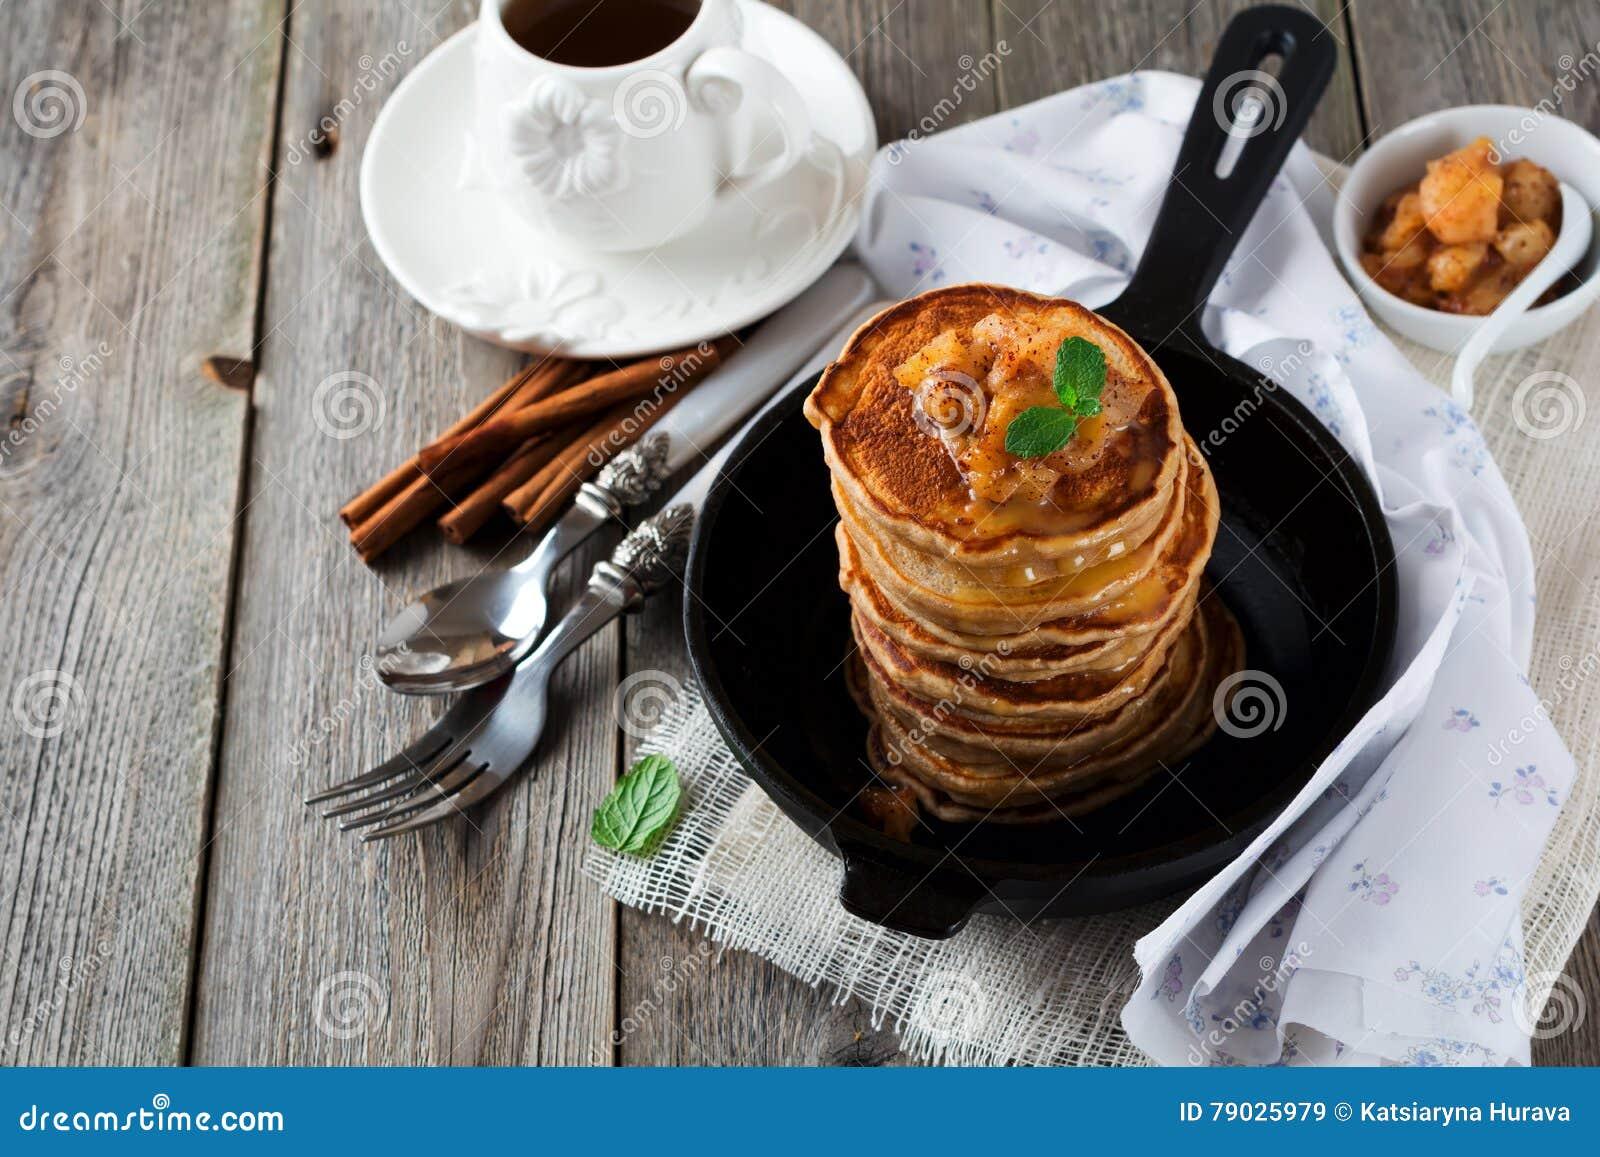 Pila di pancake da farina di grano saraceno con le mele al forno e la cannella su vecchio fondo di legno Una prima colazione sana